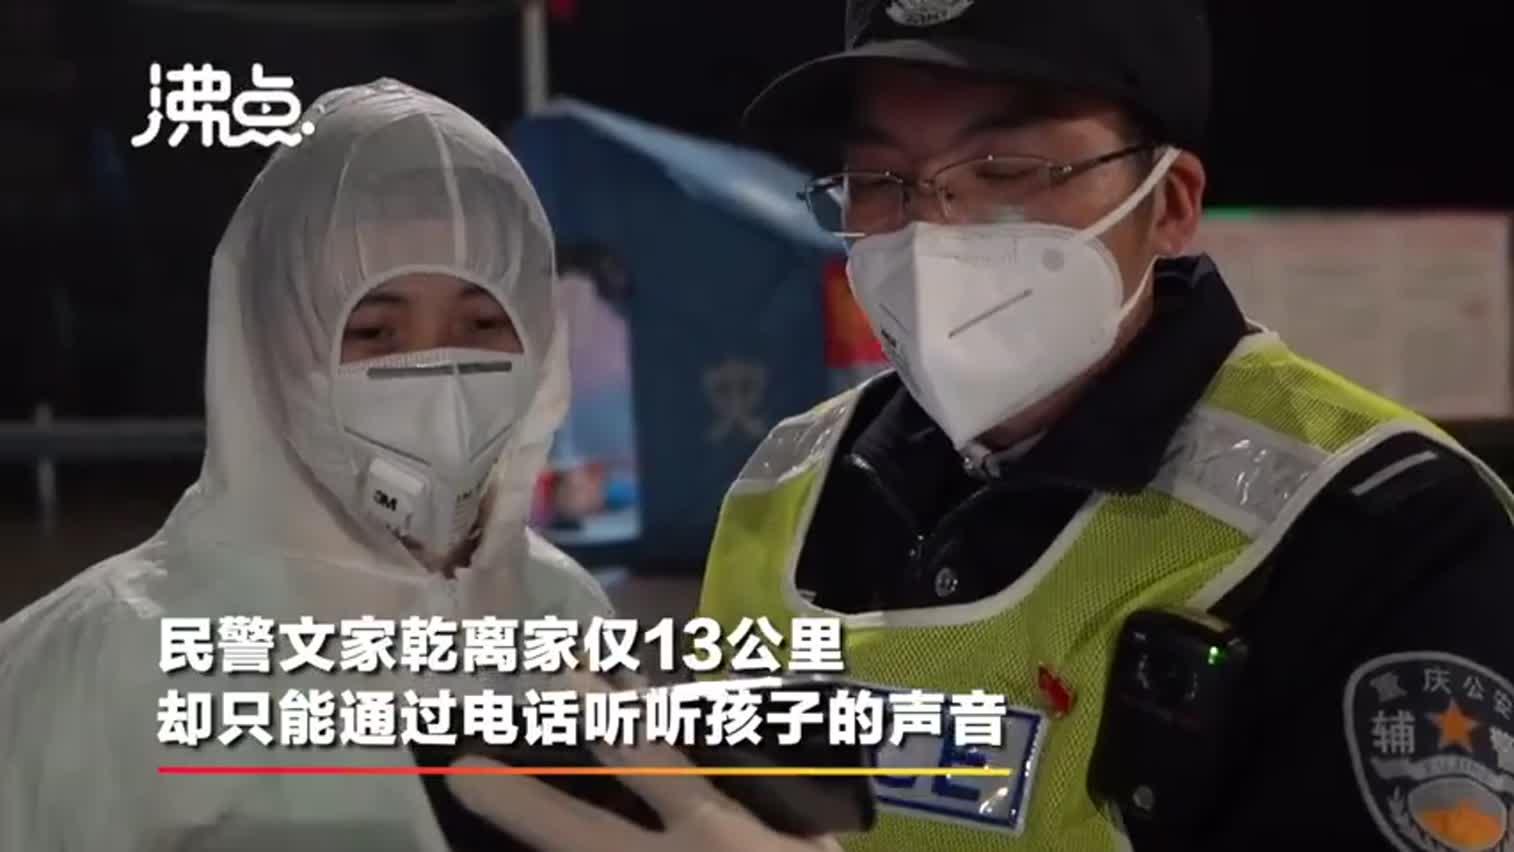 视频丨一线警医夫妇坚守岗位一个多月未见孩子 :爸